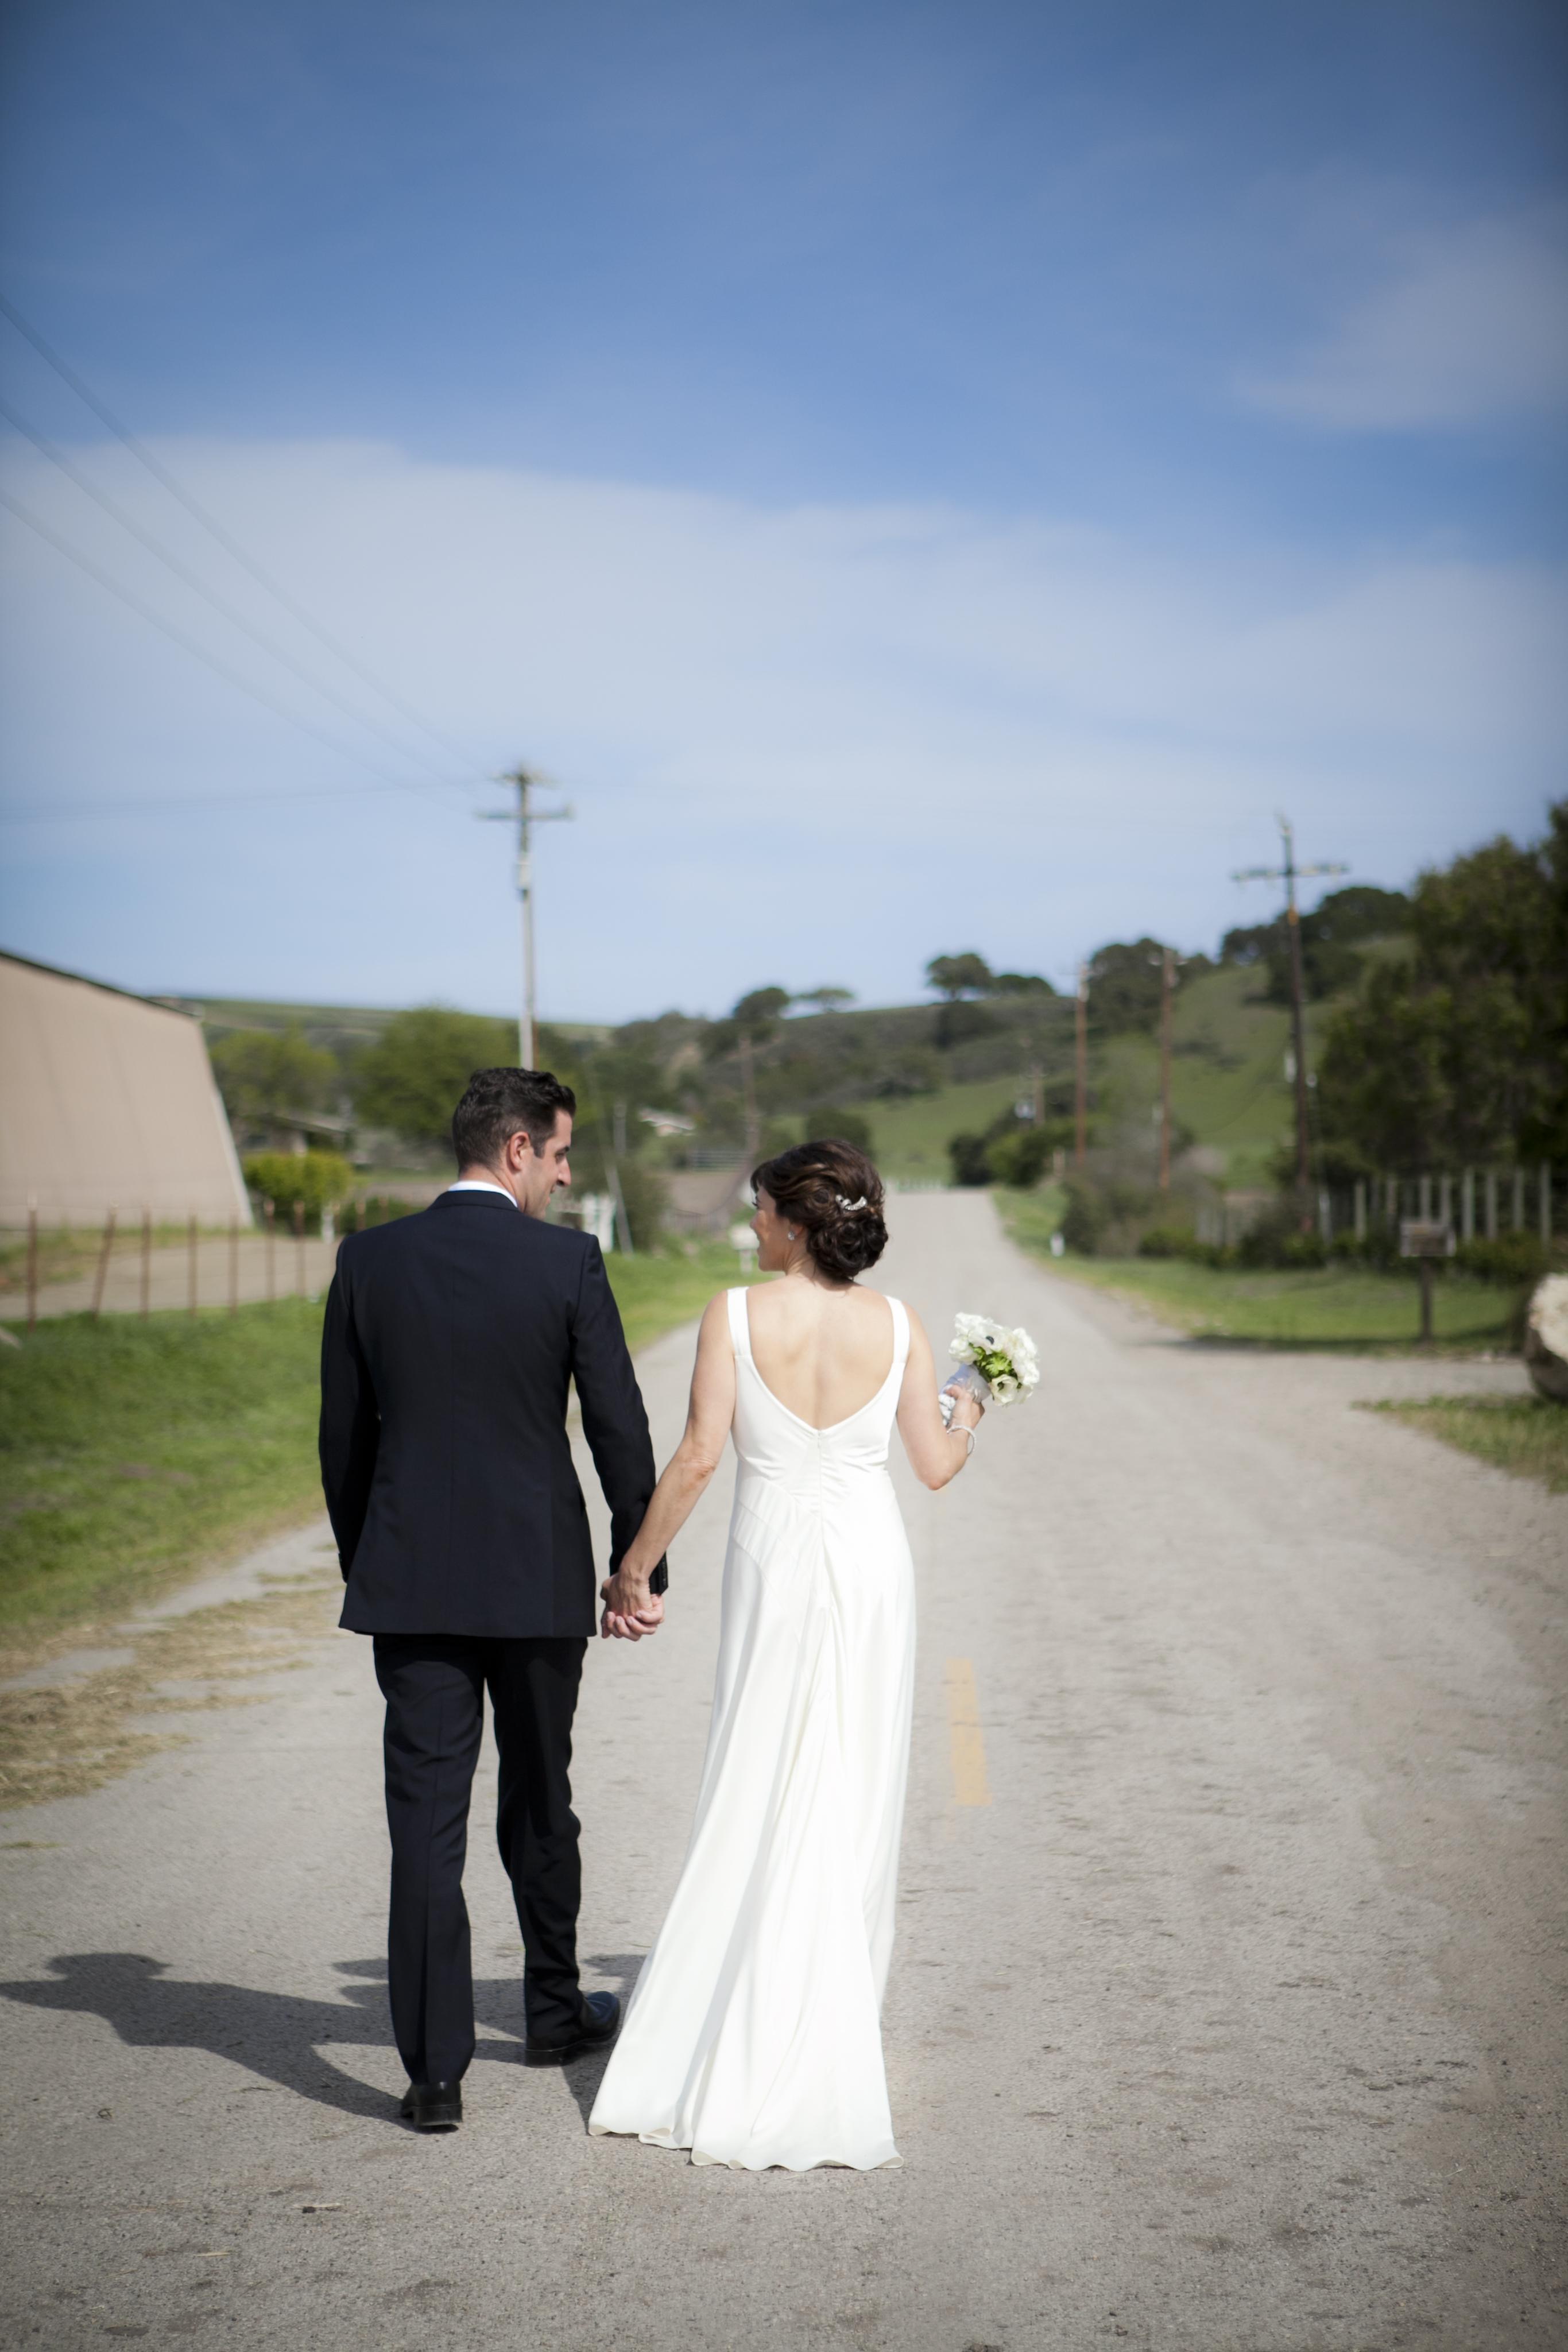 Christmas wedding dress jcrew - Christmas Wedding Dress Jcrew 15